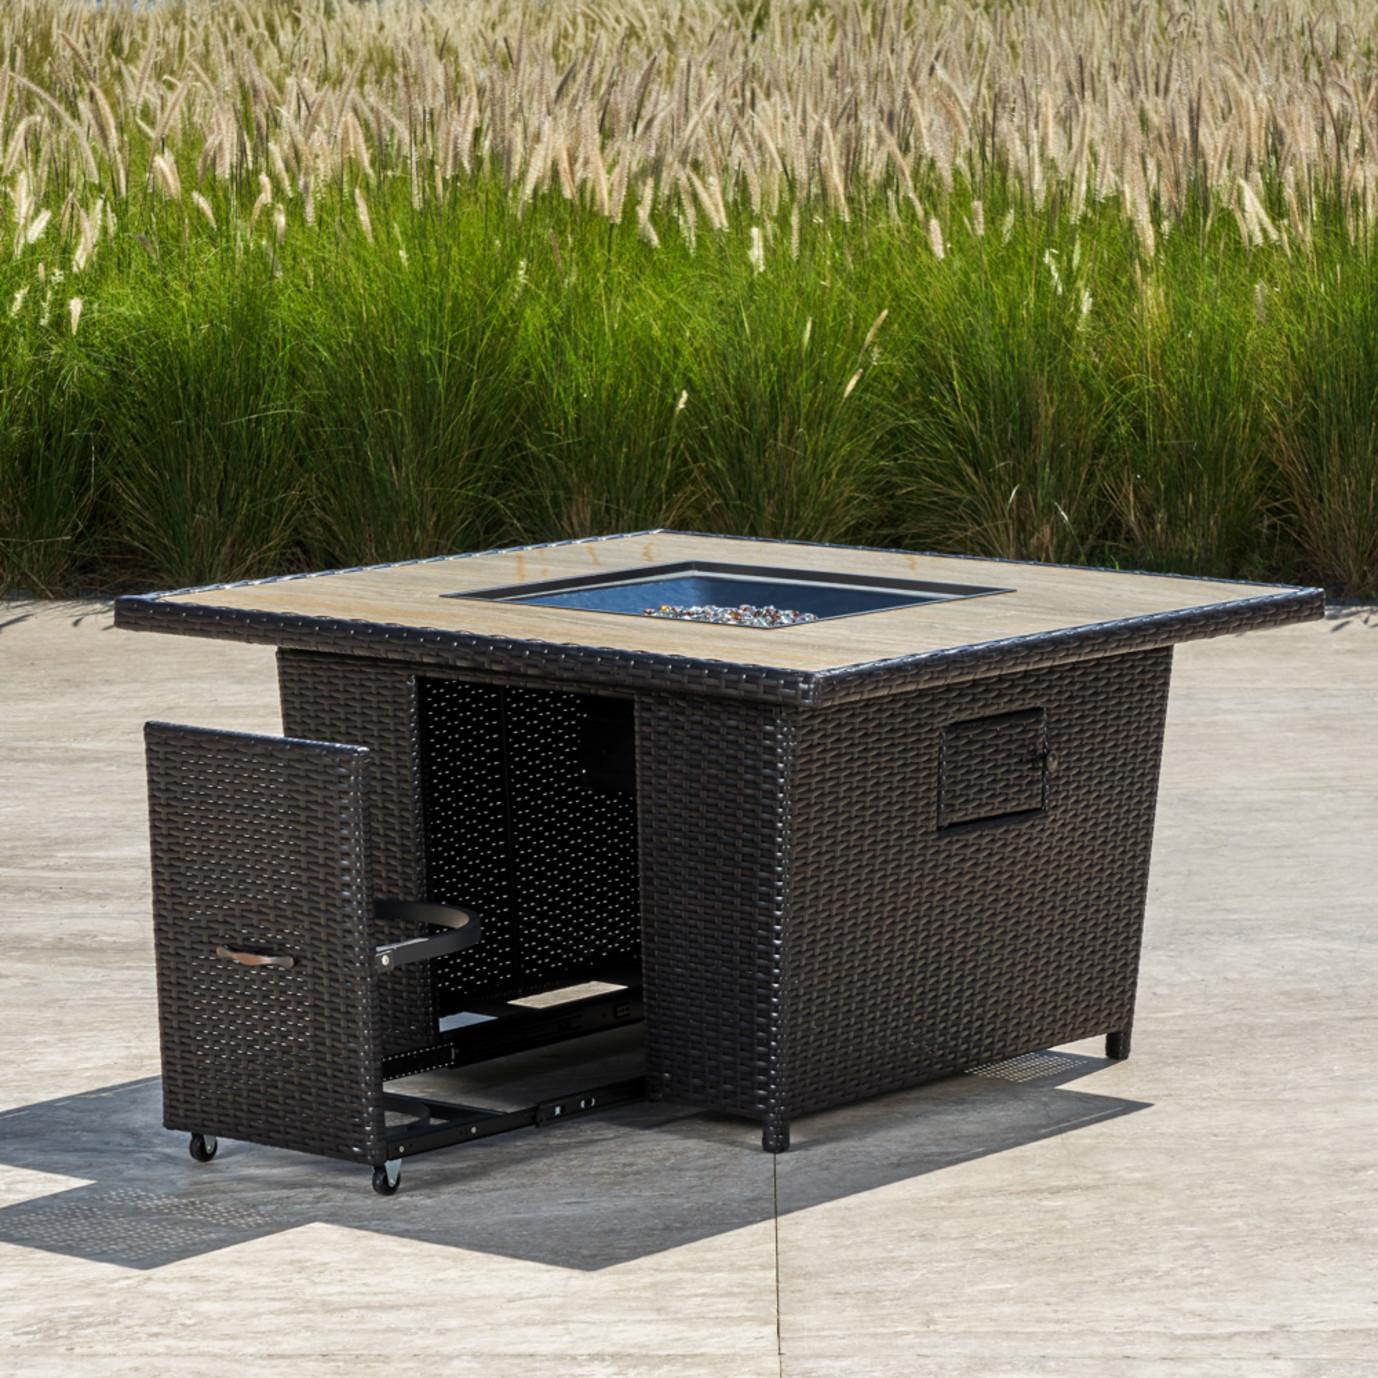 Portofino® Comfort Stone Top Fire Table - Espresso